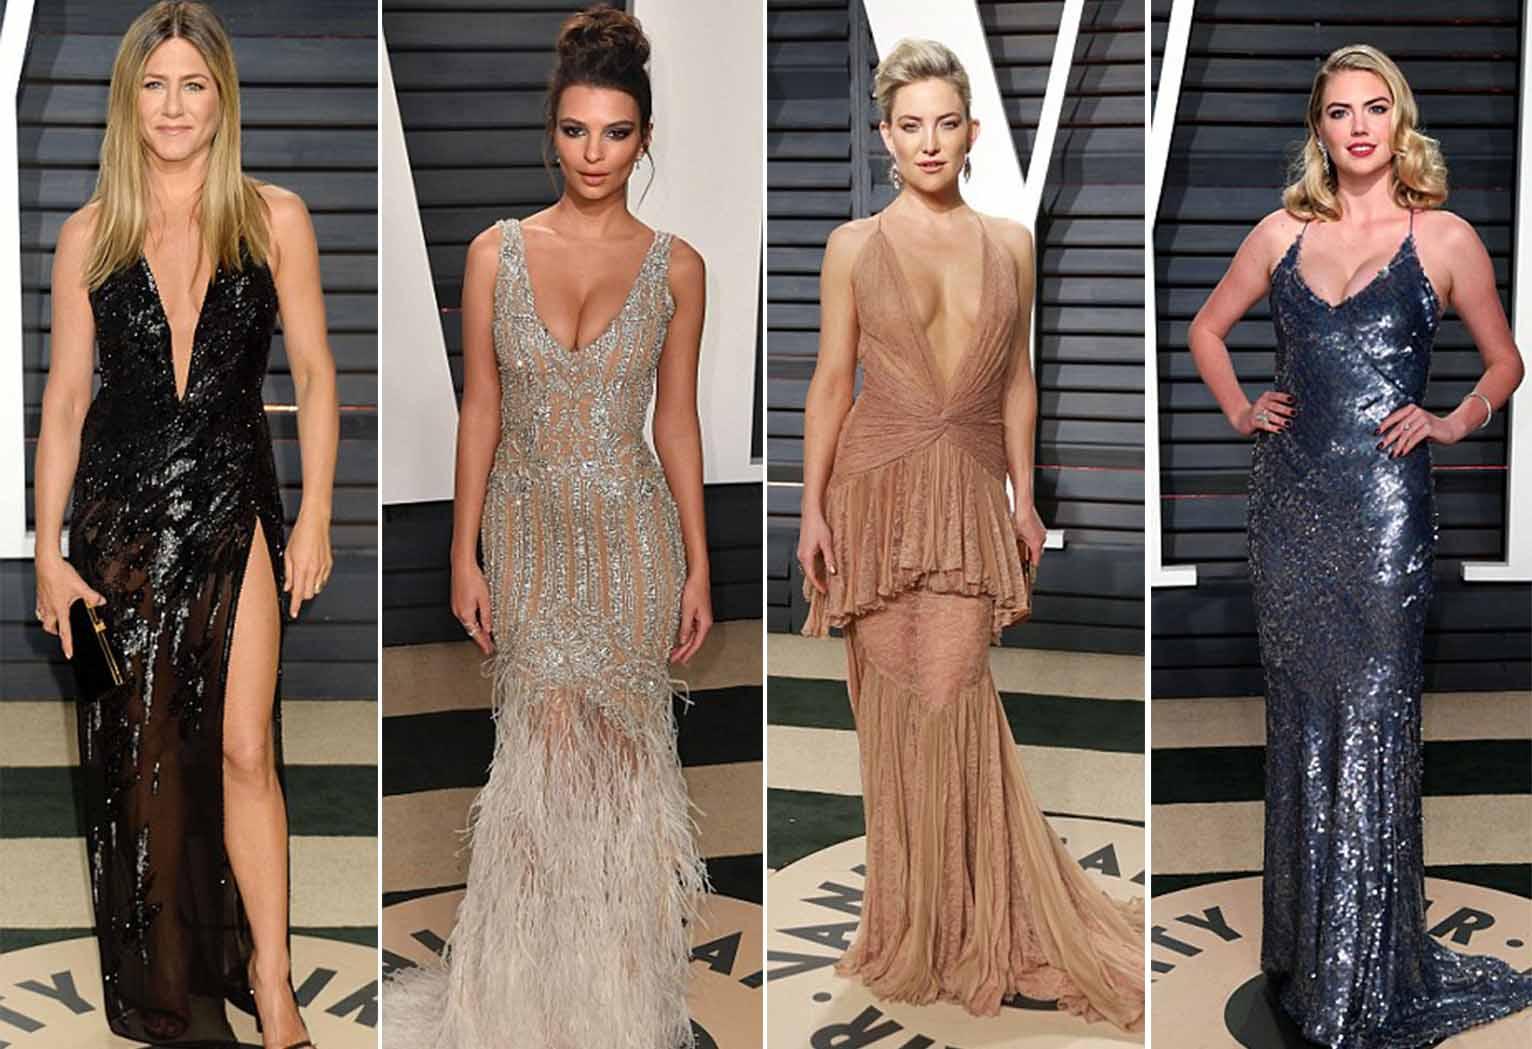 Zaten benim Oscar'ın en sevdiğim yanı, ünlü markaların kıyafetleriyle boy gösteren abilerimiz, ablalarımız...